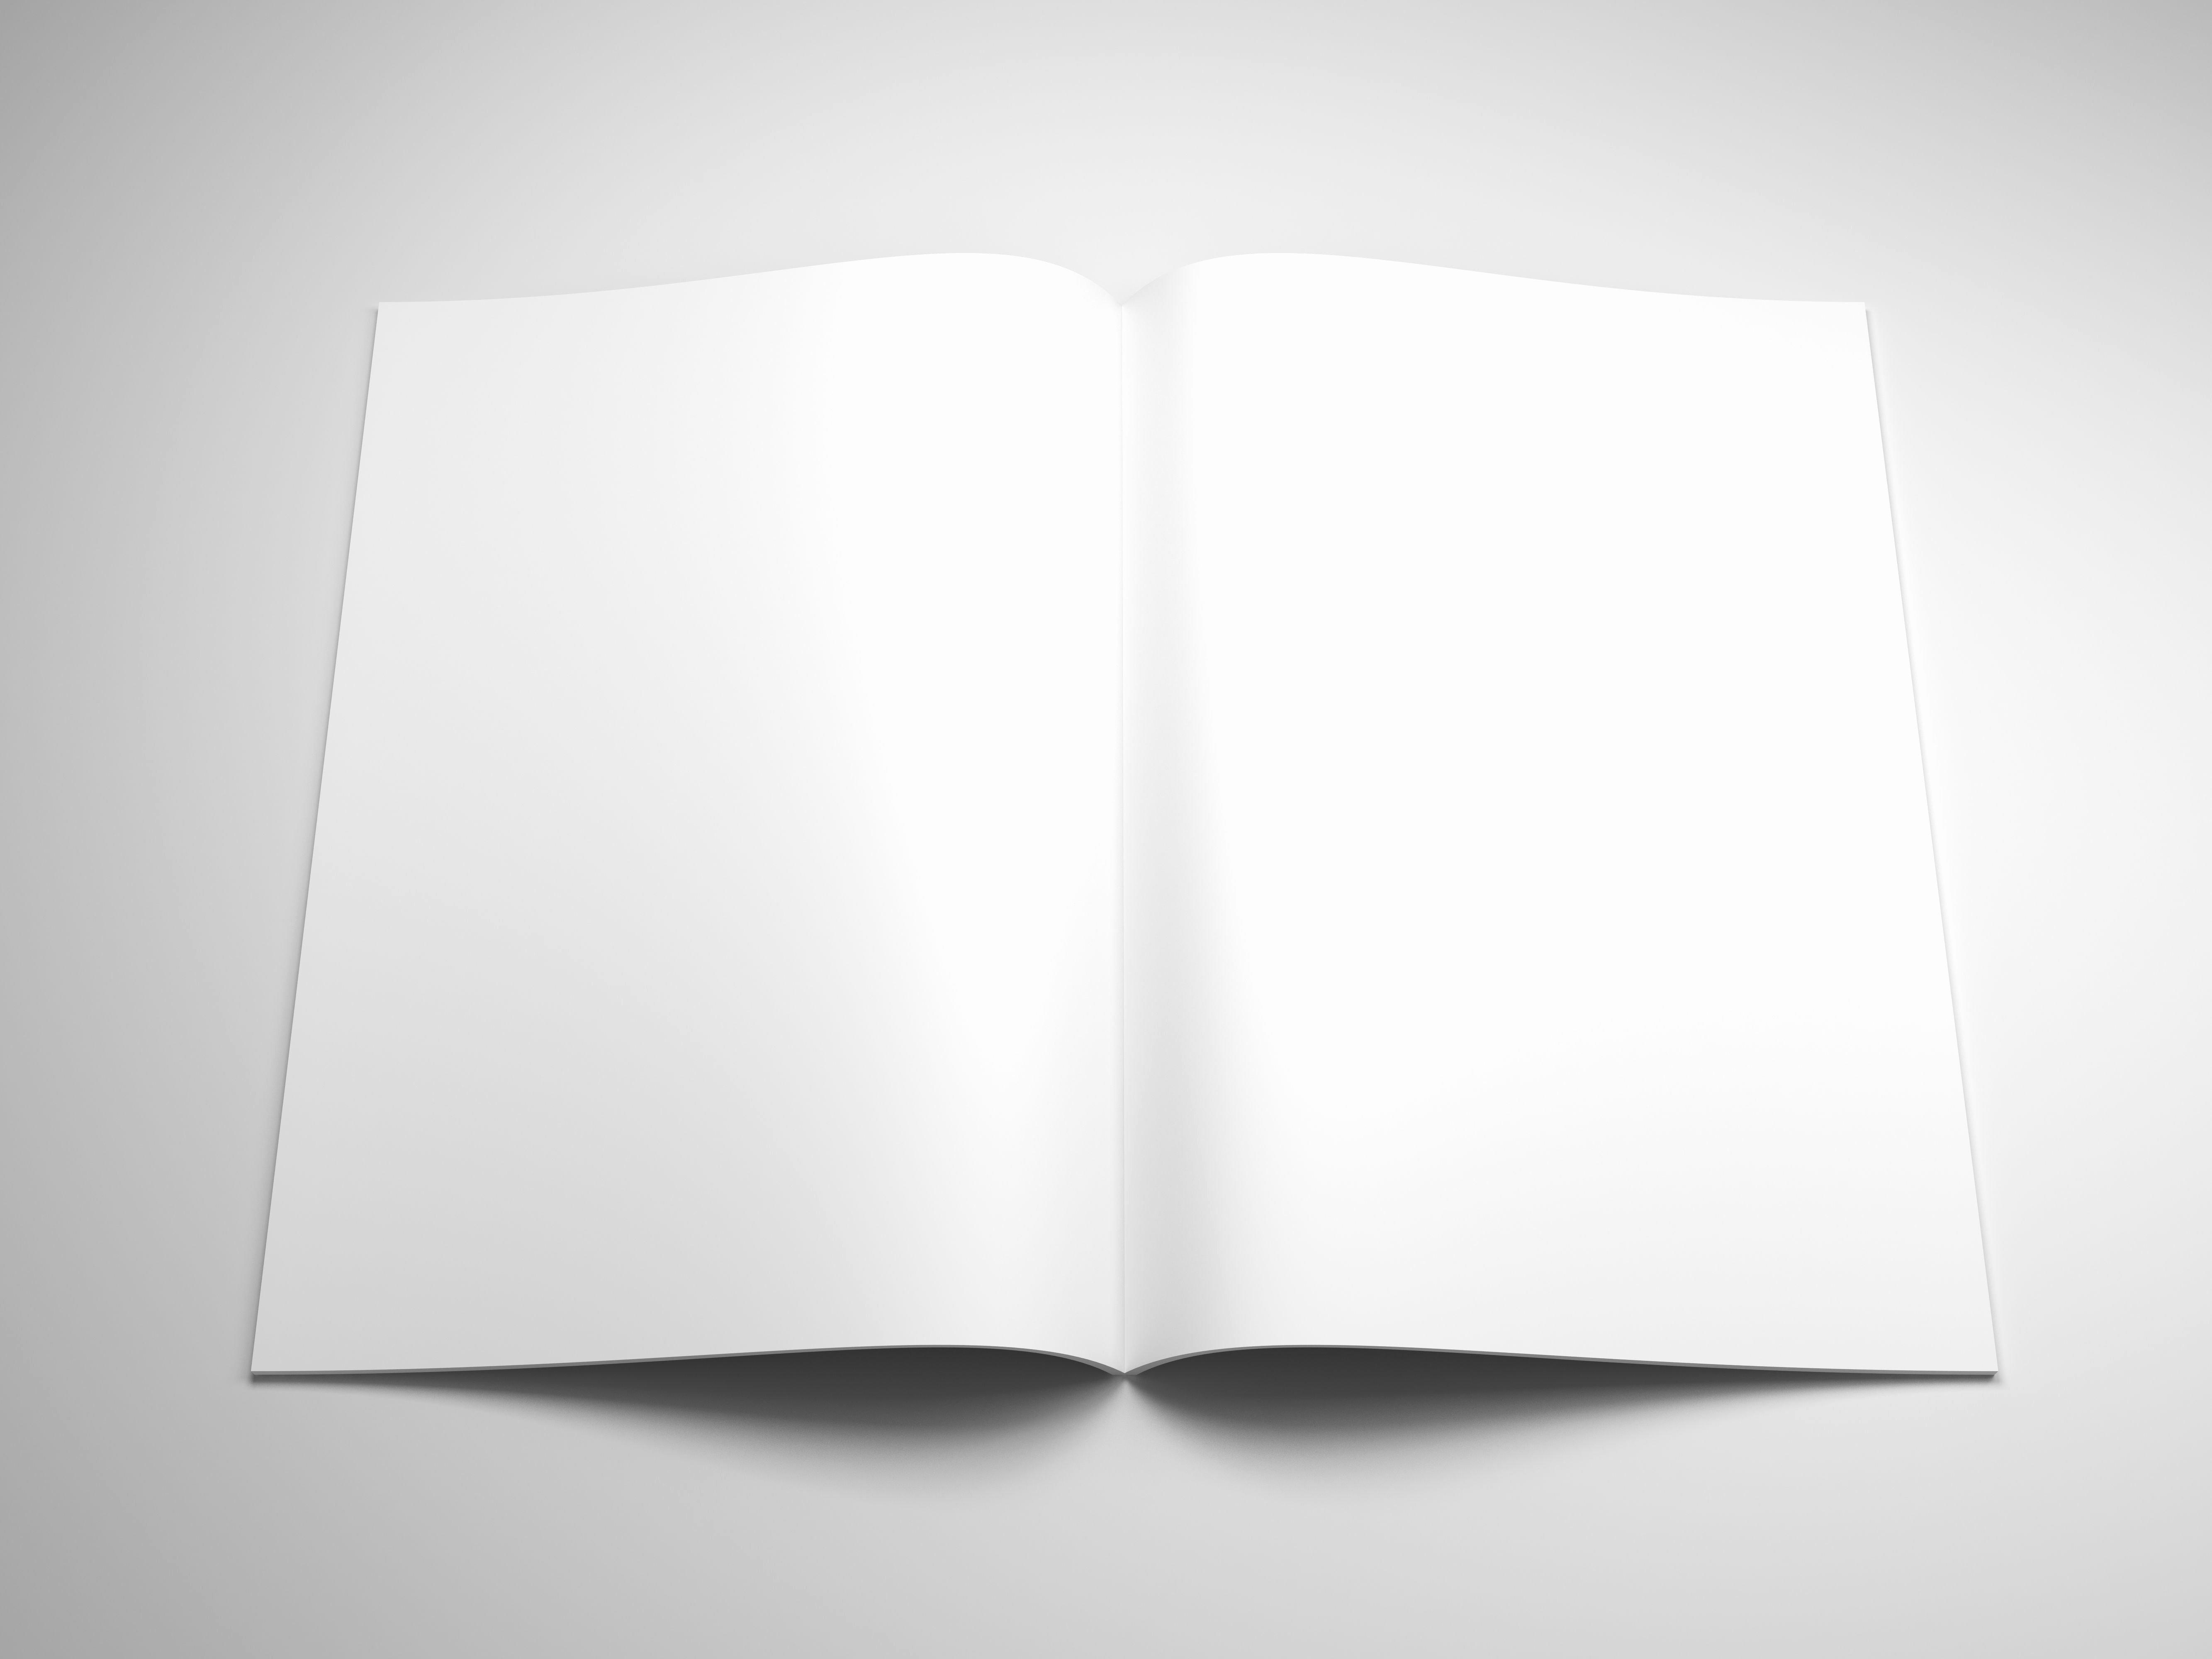 Magazine Cover Blank Unique Blank Magazine Cover Mockup Google Search